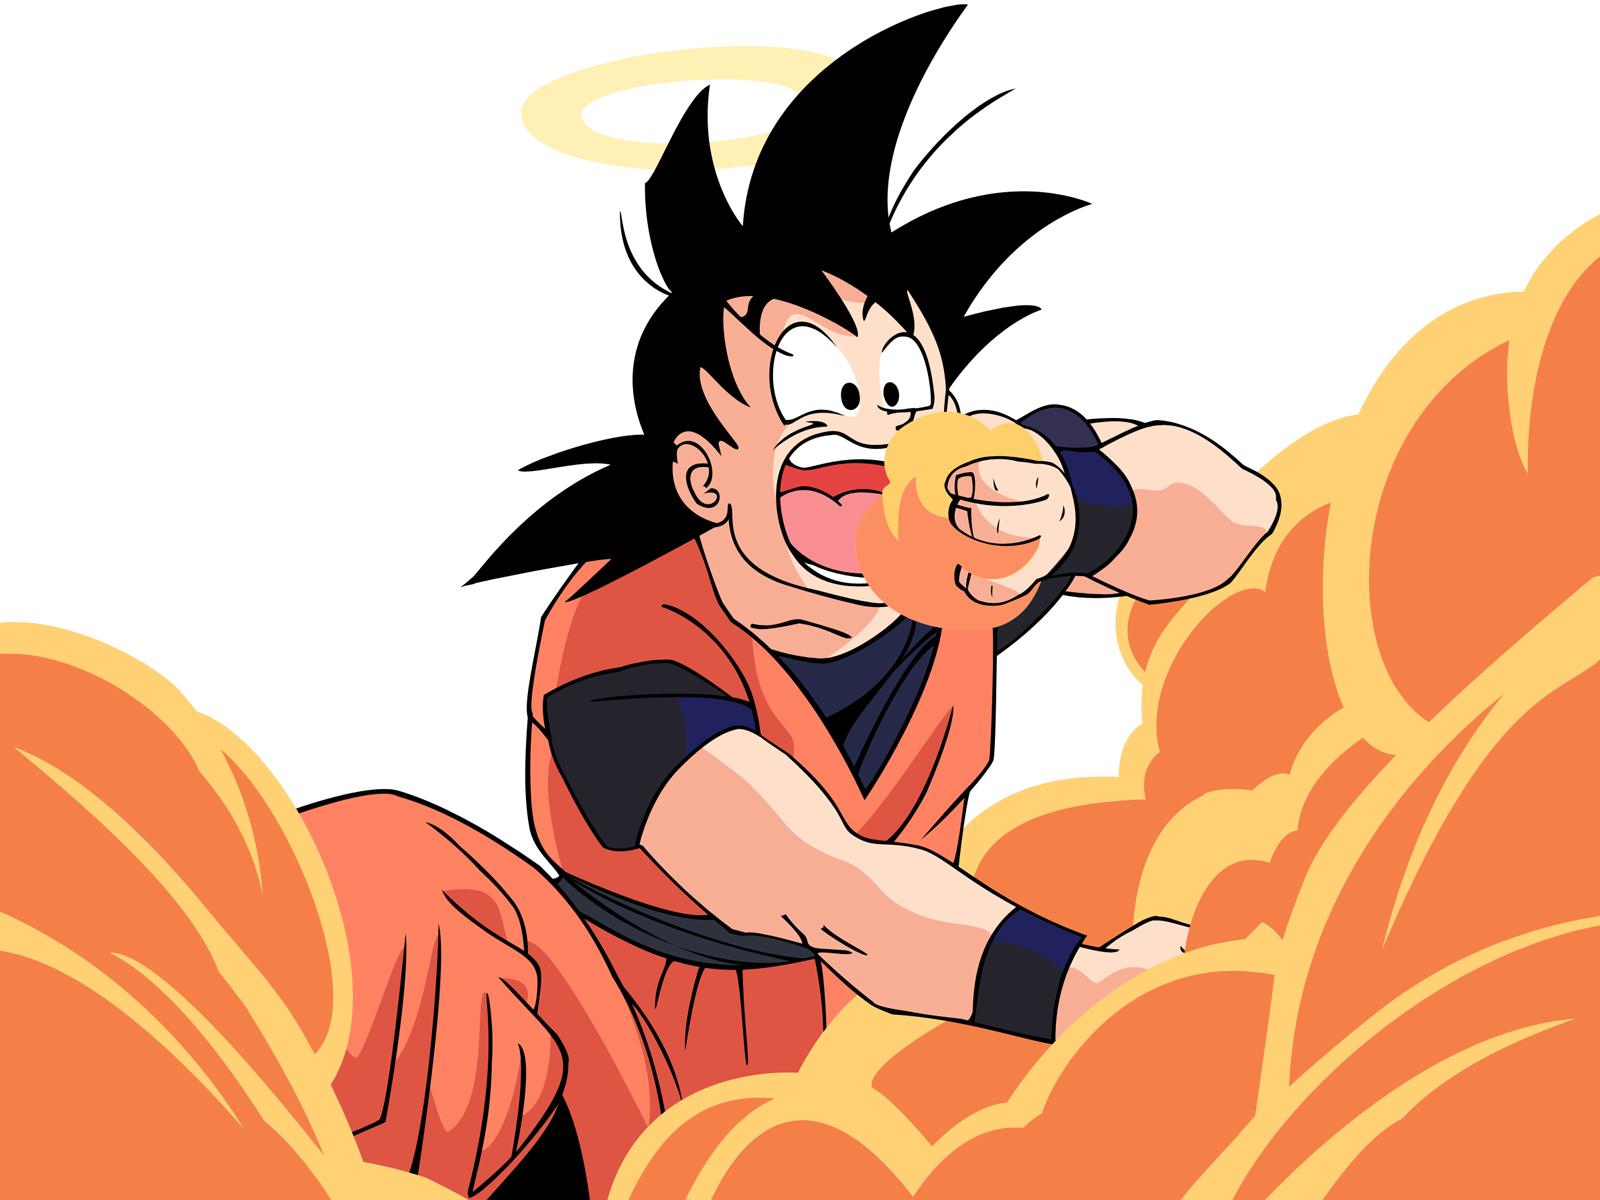 dragon ball z wallpapers orange